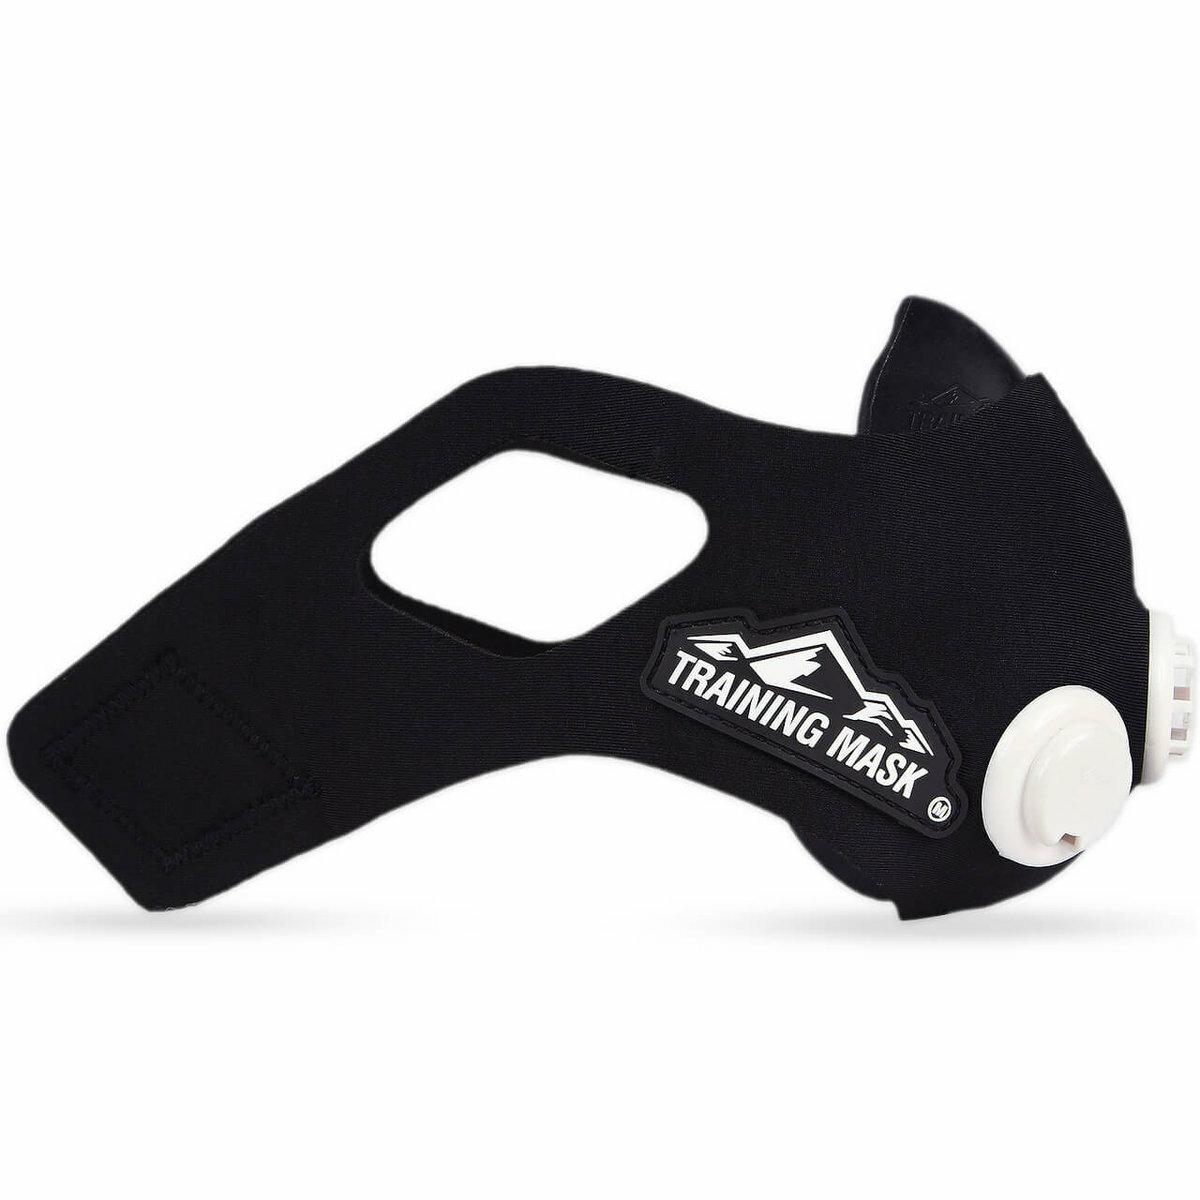 Аэробная тренировочная маска в Подольске